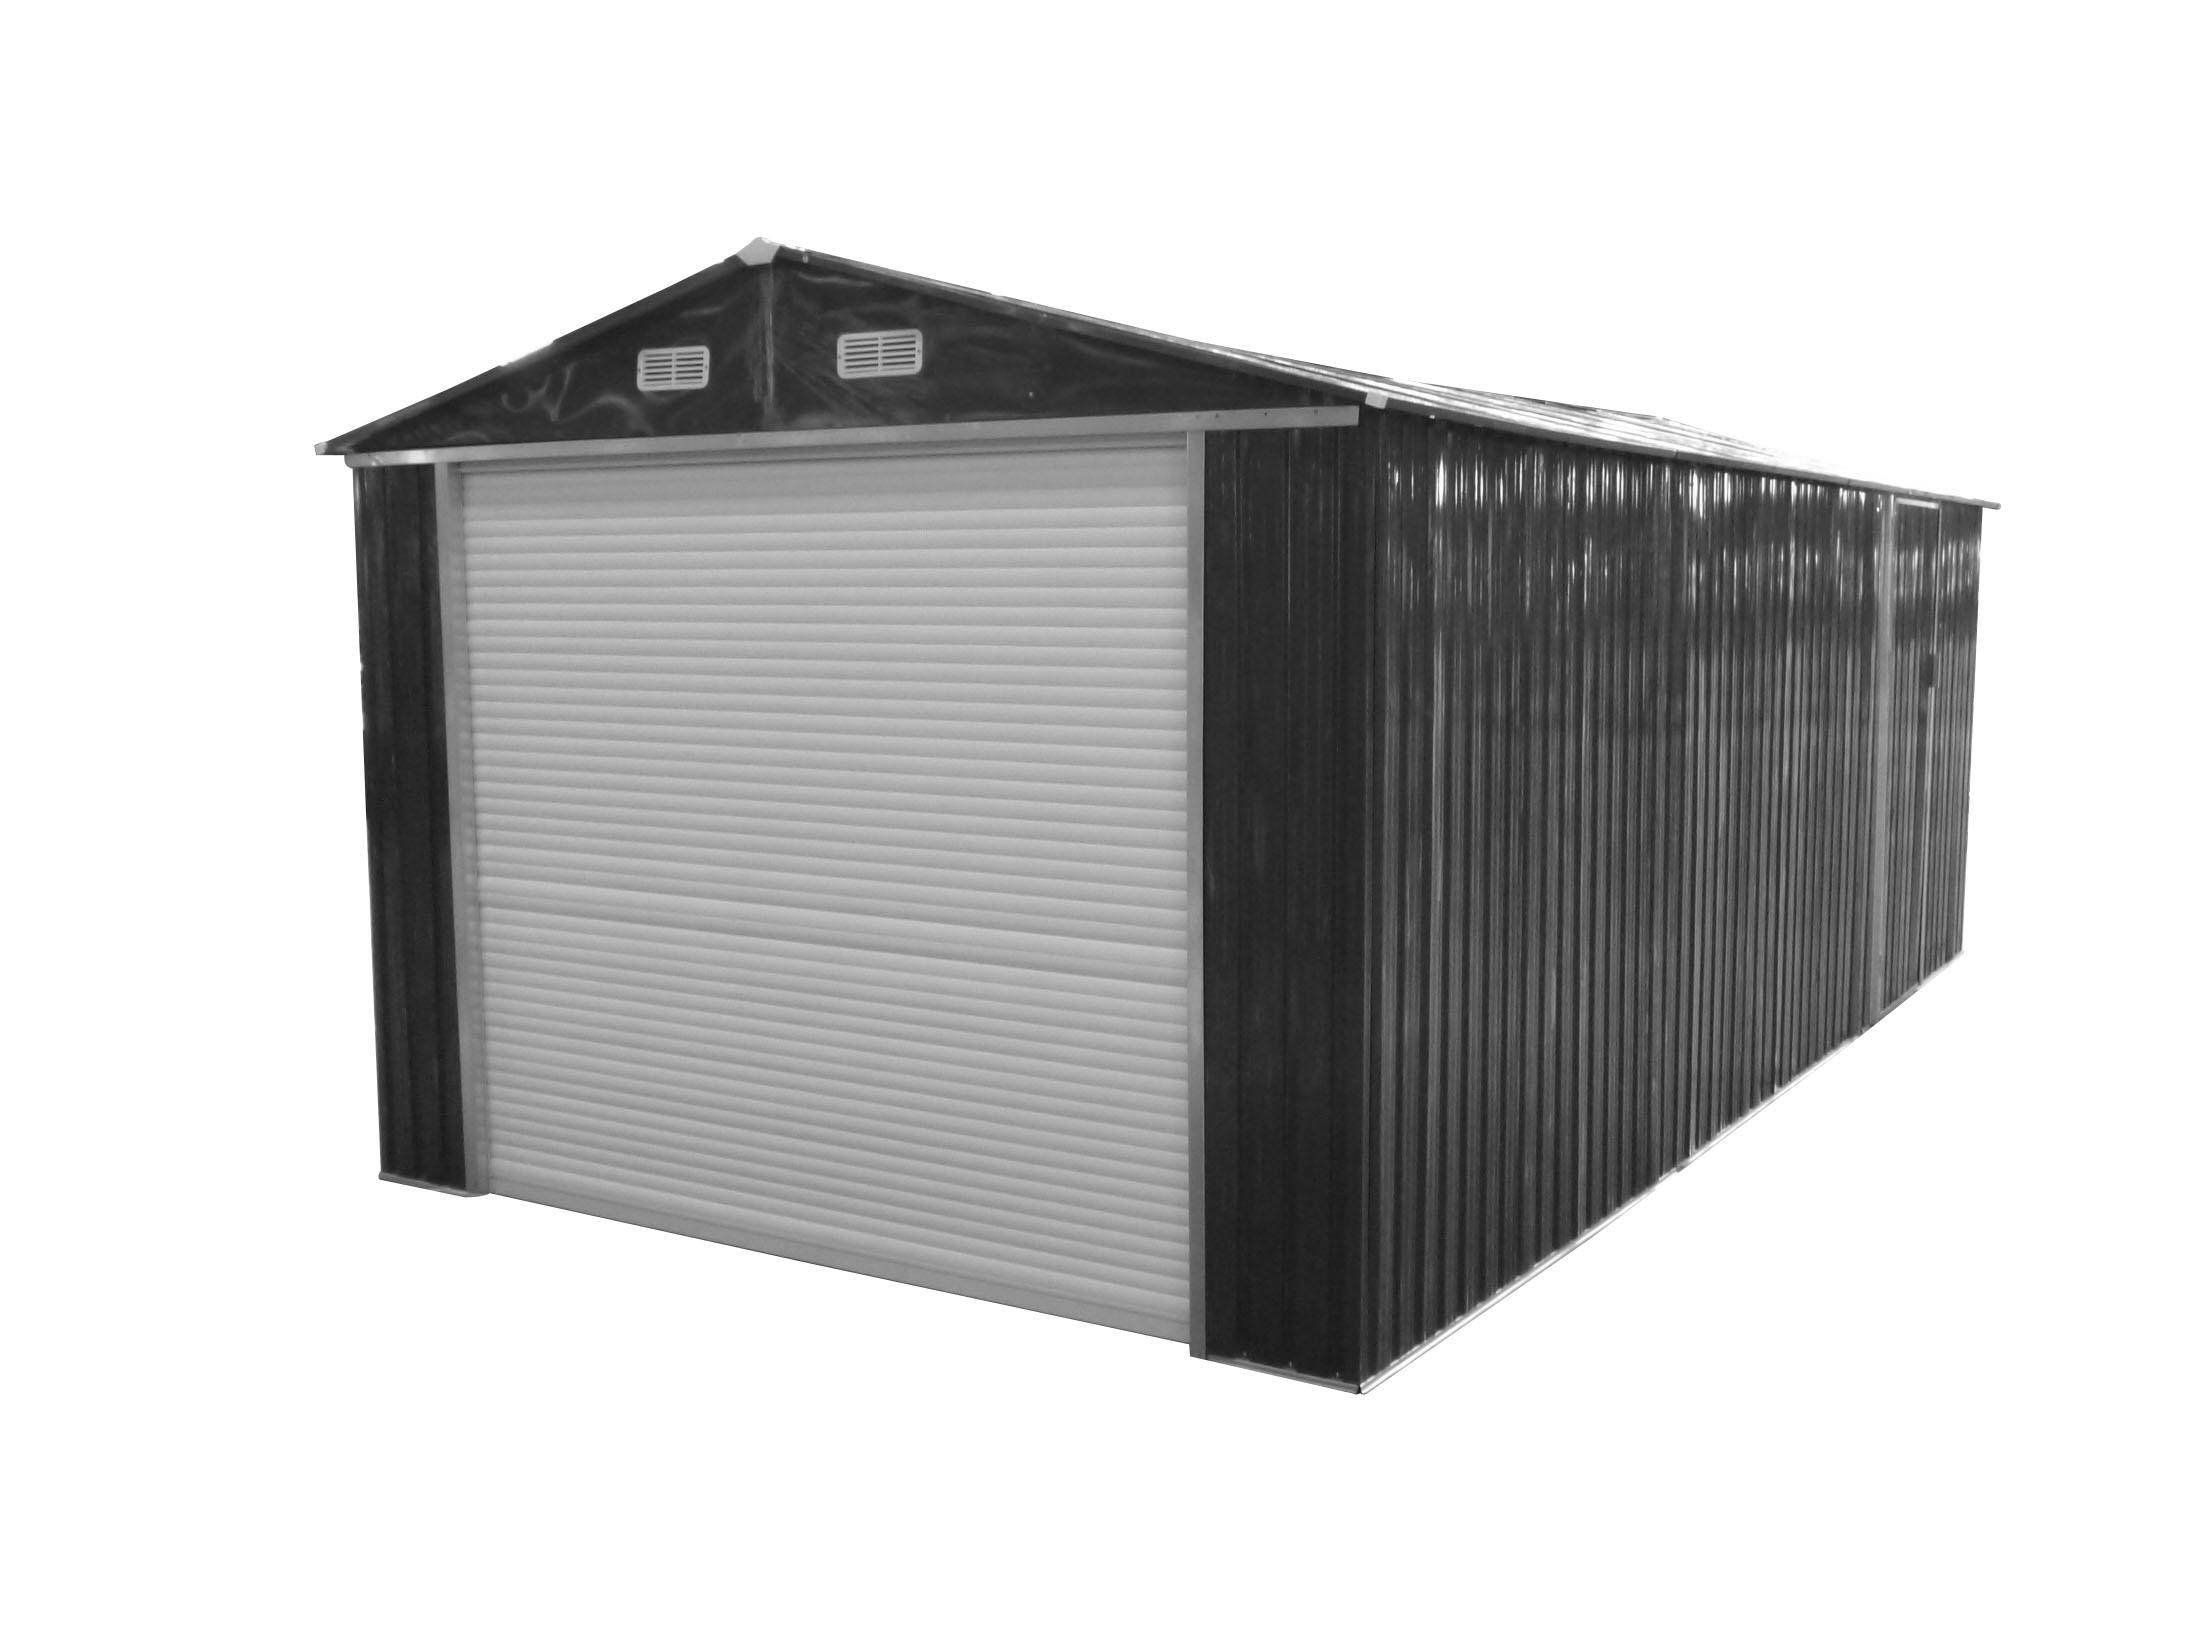 Metallist garaaz/aiakuur (ukseautomaatikaga)